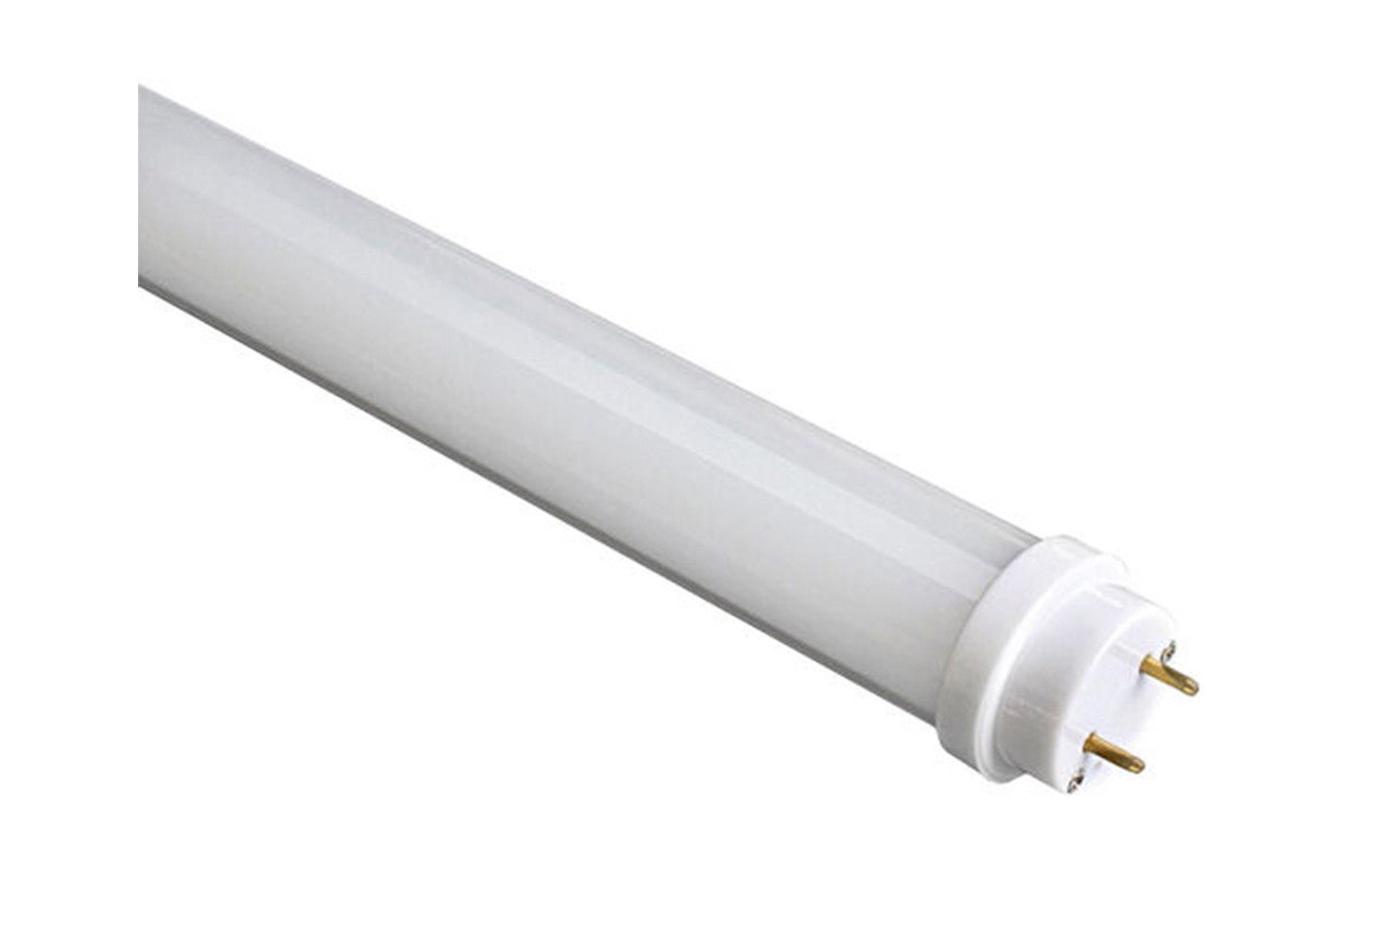 Plafoniera Led Luce Fredda : Neon tubo led 24 w 150 cm luce fredda vetro t8 smd plafoniera